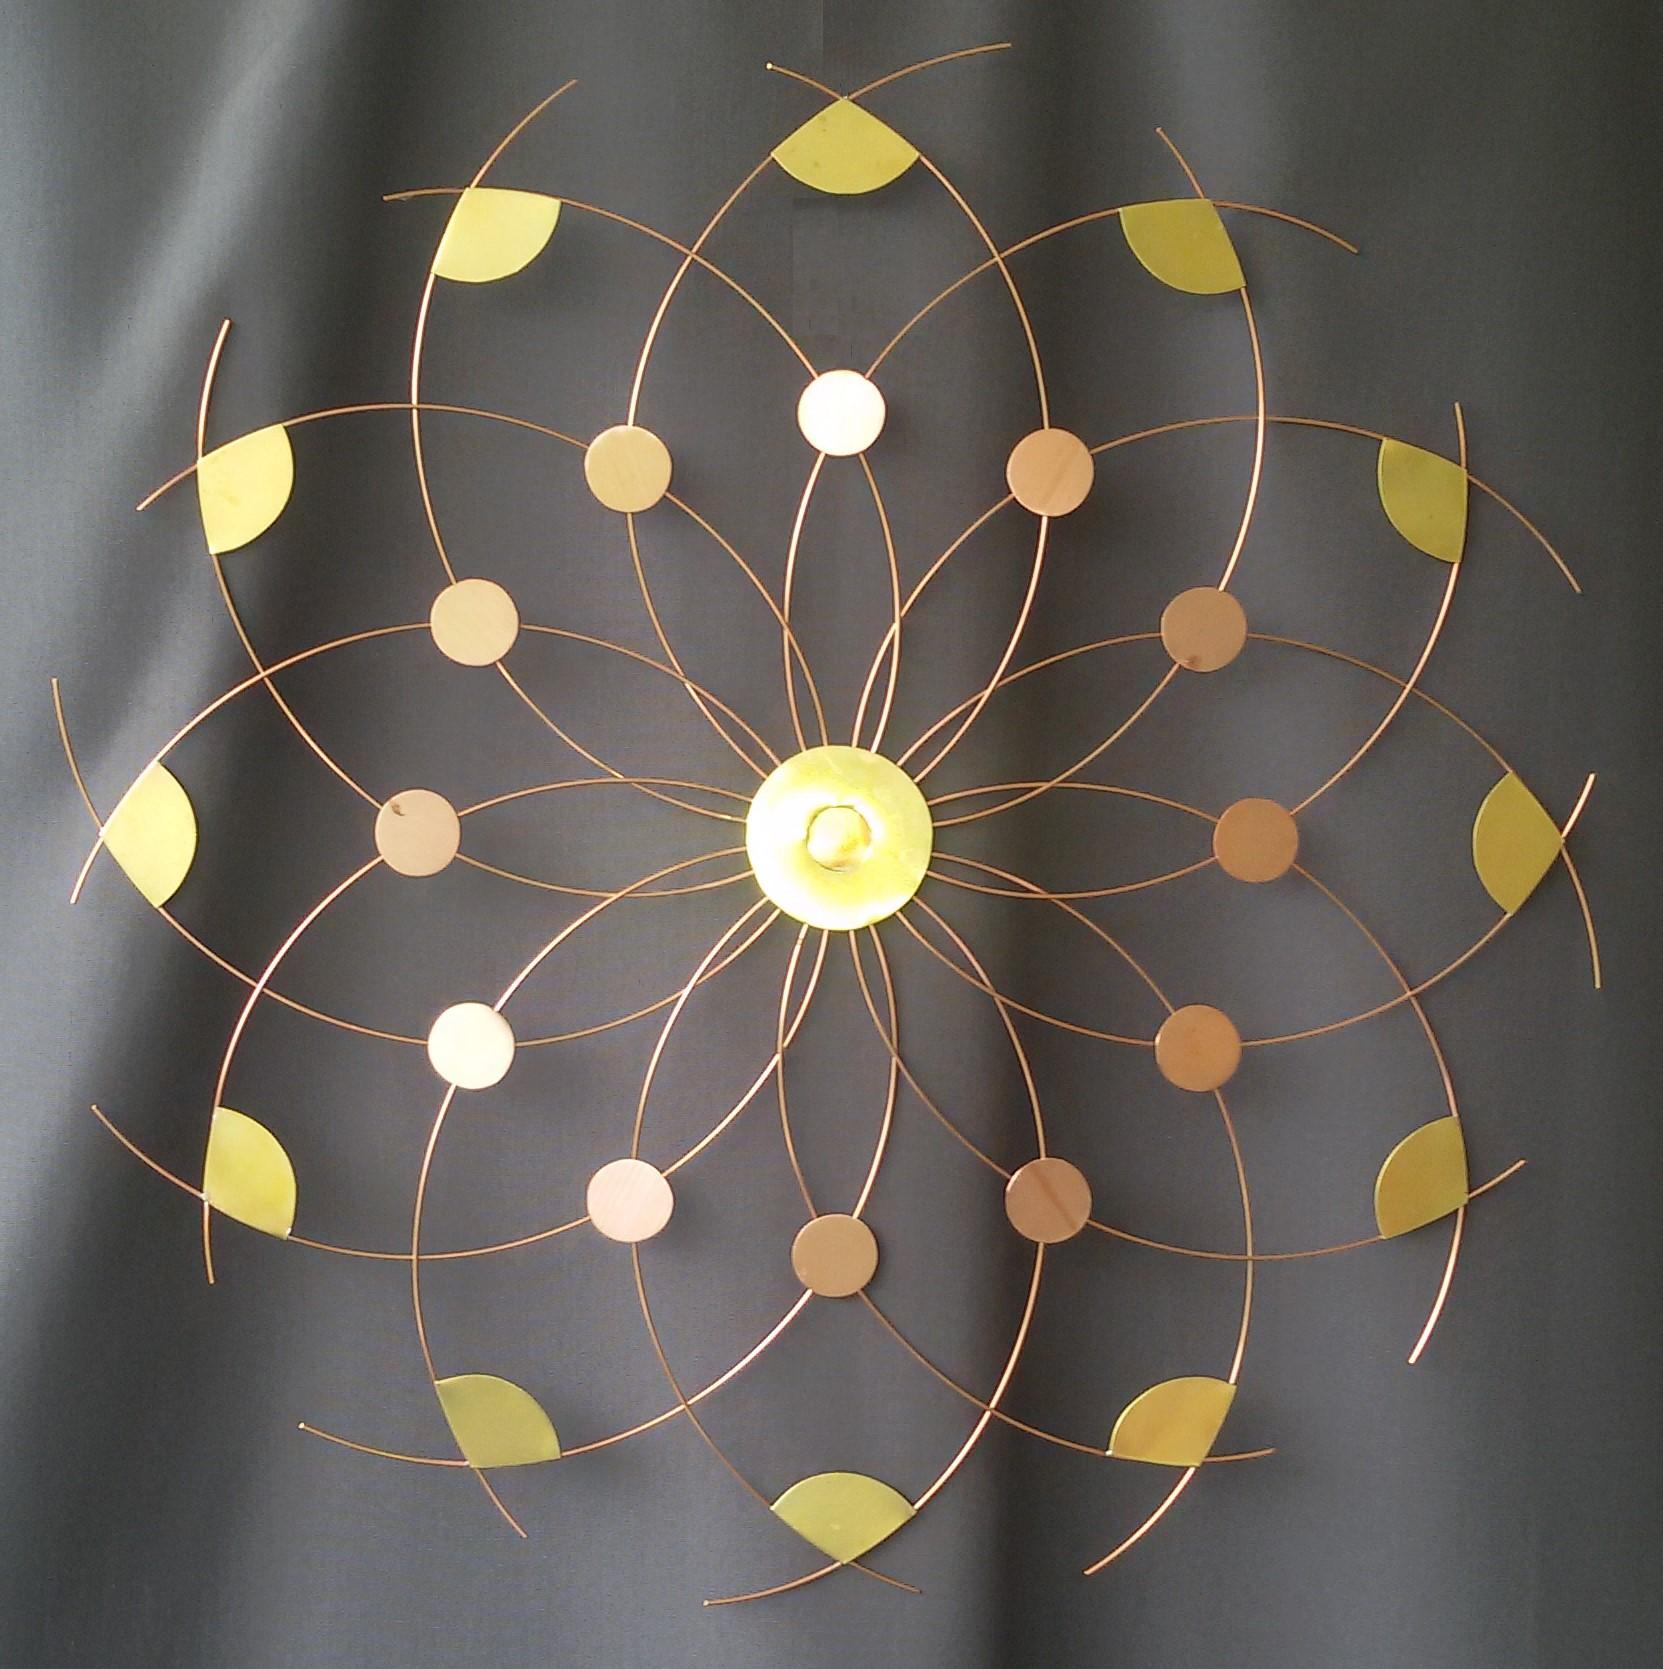 création artisanale décoration, création vibratoire, décoration murale